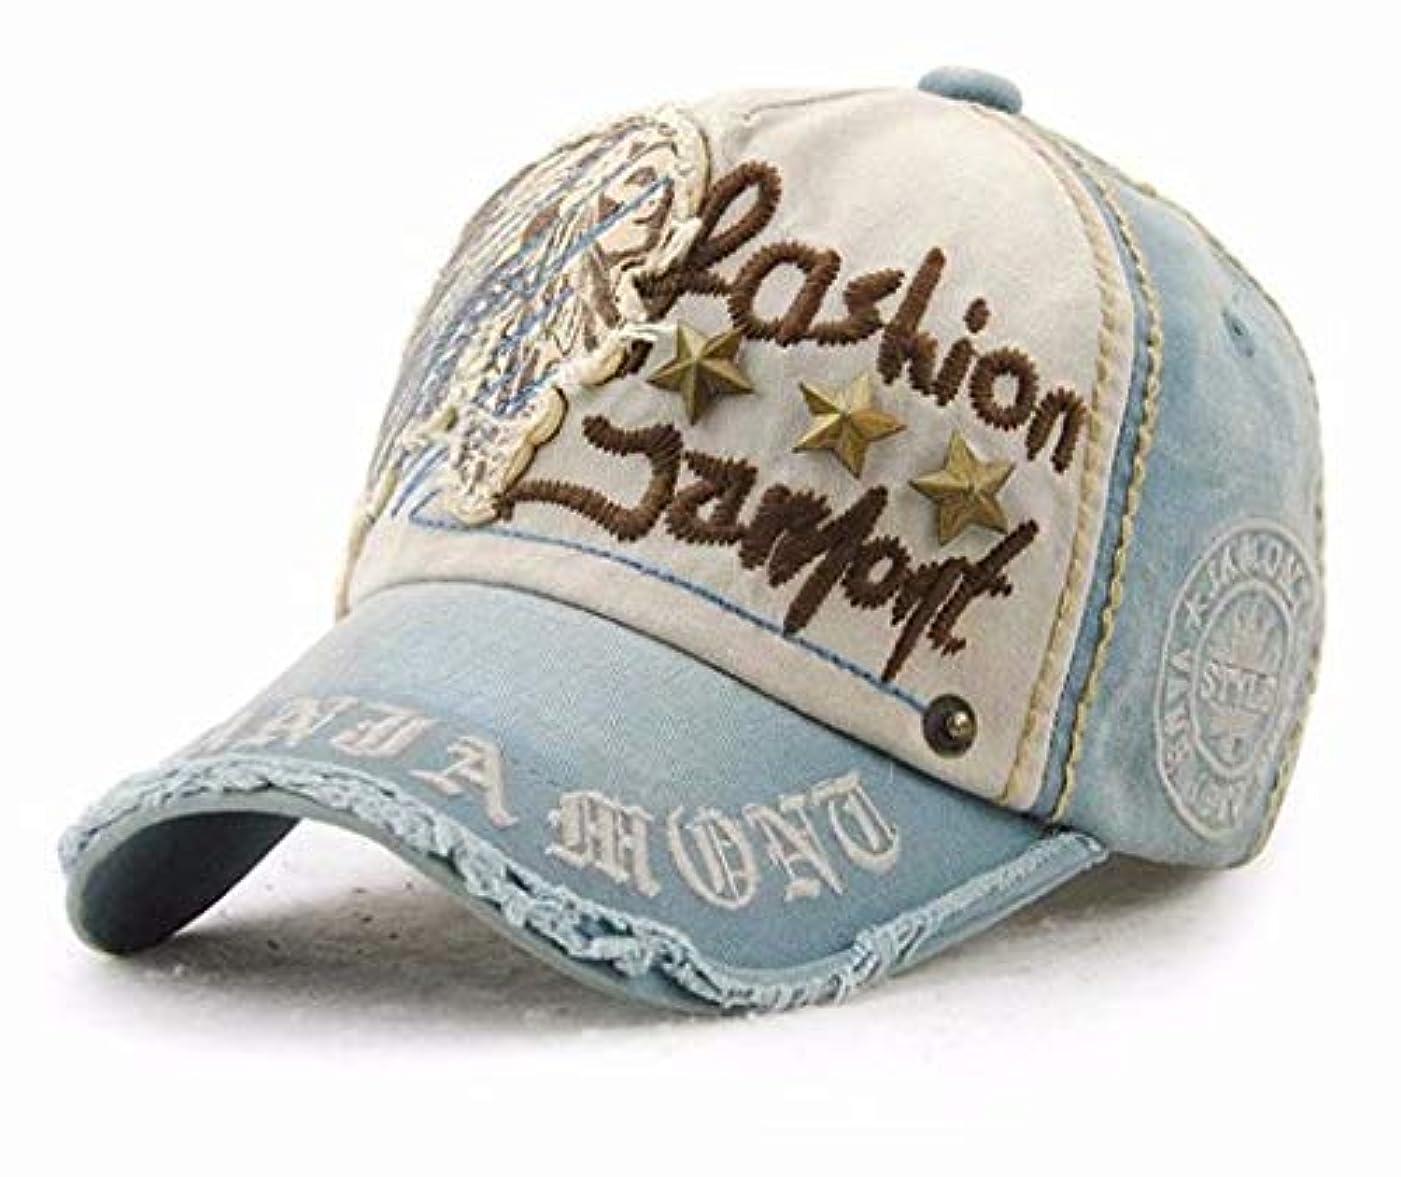 アライメントキウイ動七里の香 リベットの刺繍の野球帽を ファッションのカウボーイハットをピークに、キャップ